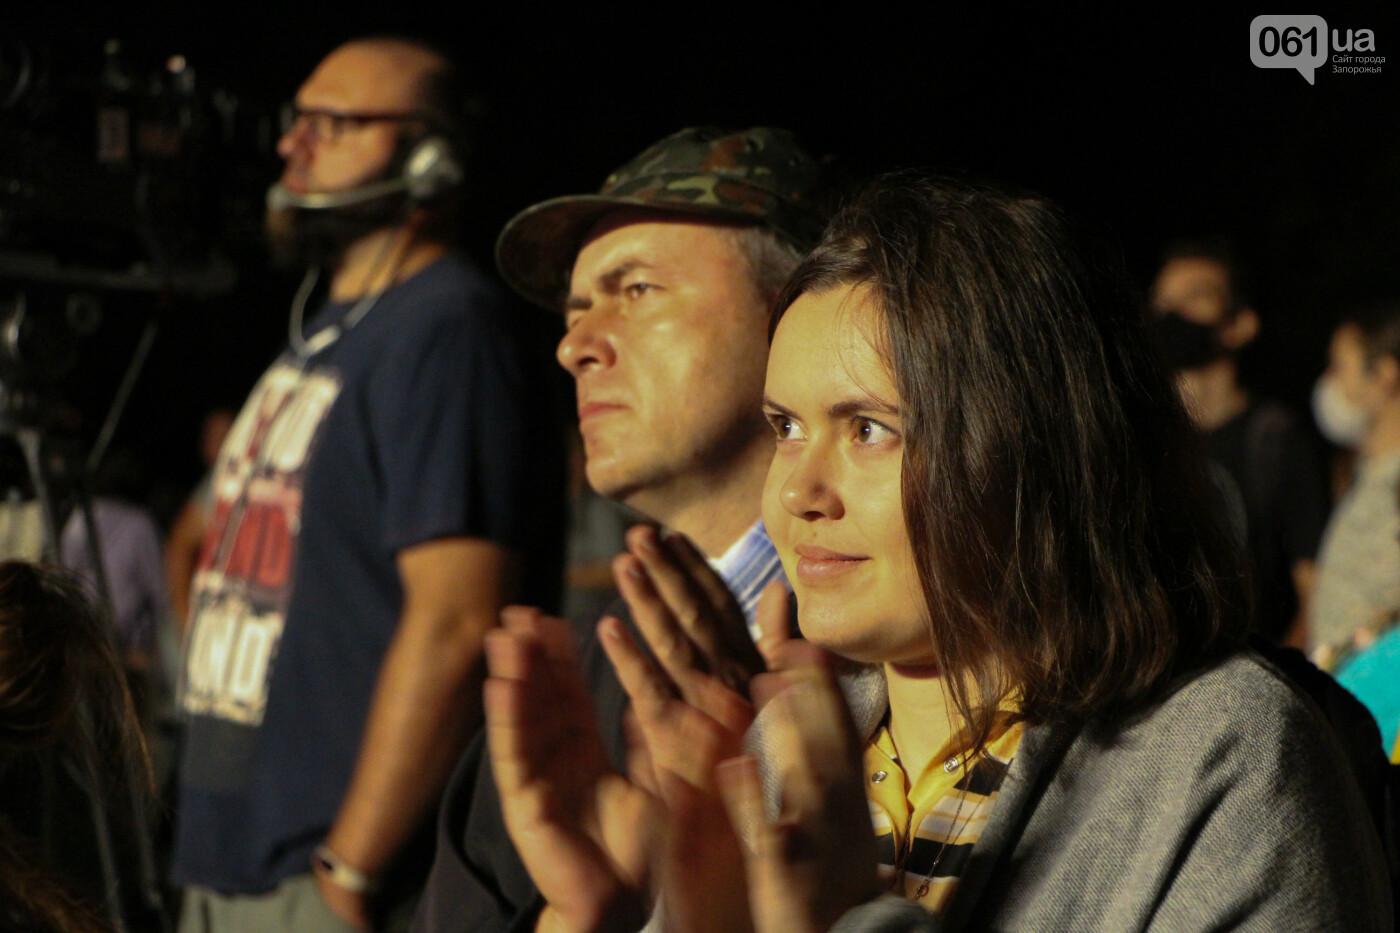 Концерт группы «Жадан і Собаки» собрал сотни запорожцев: как это было, - ФОТОРЕПОРТАЖ, фото-34